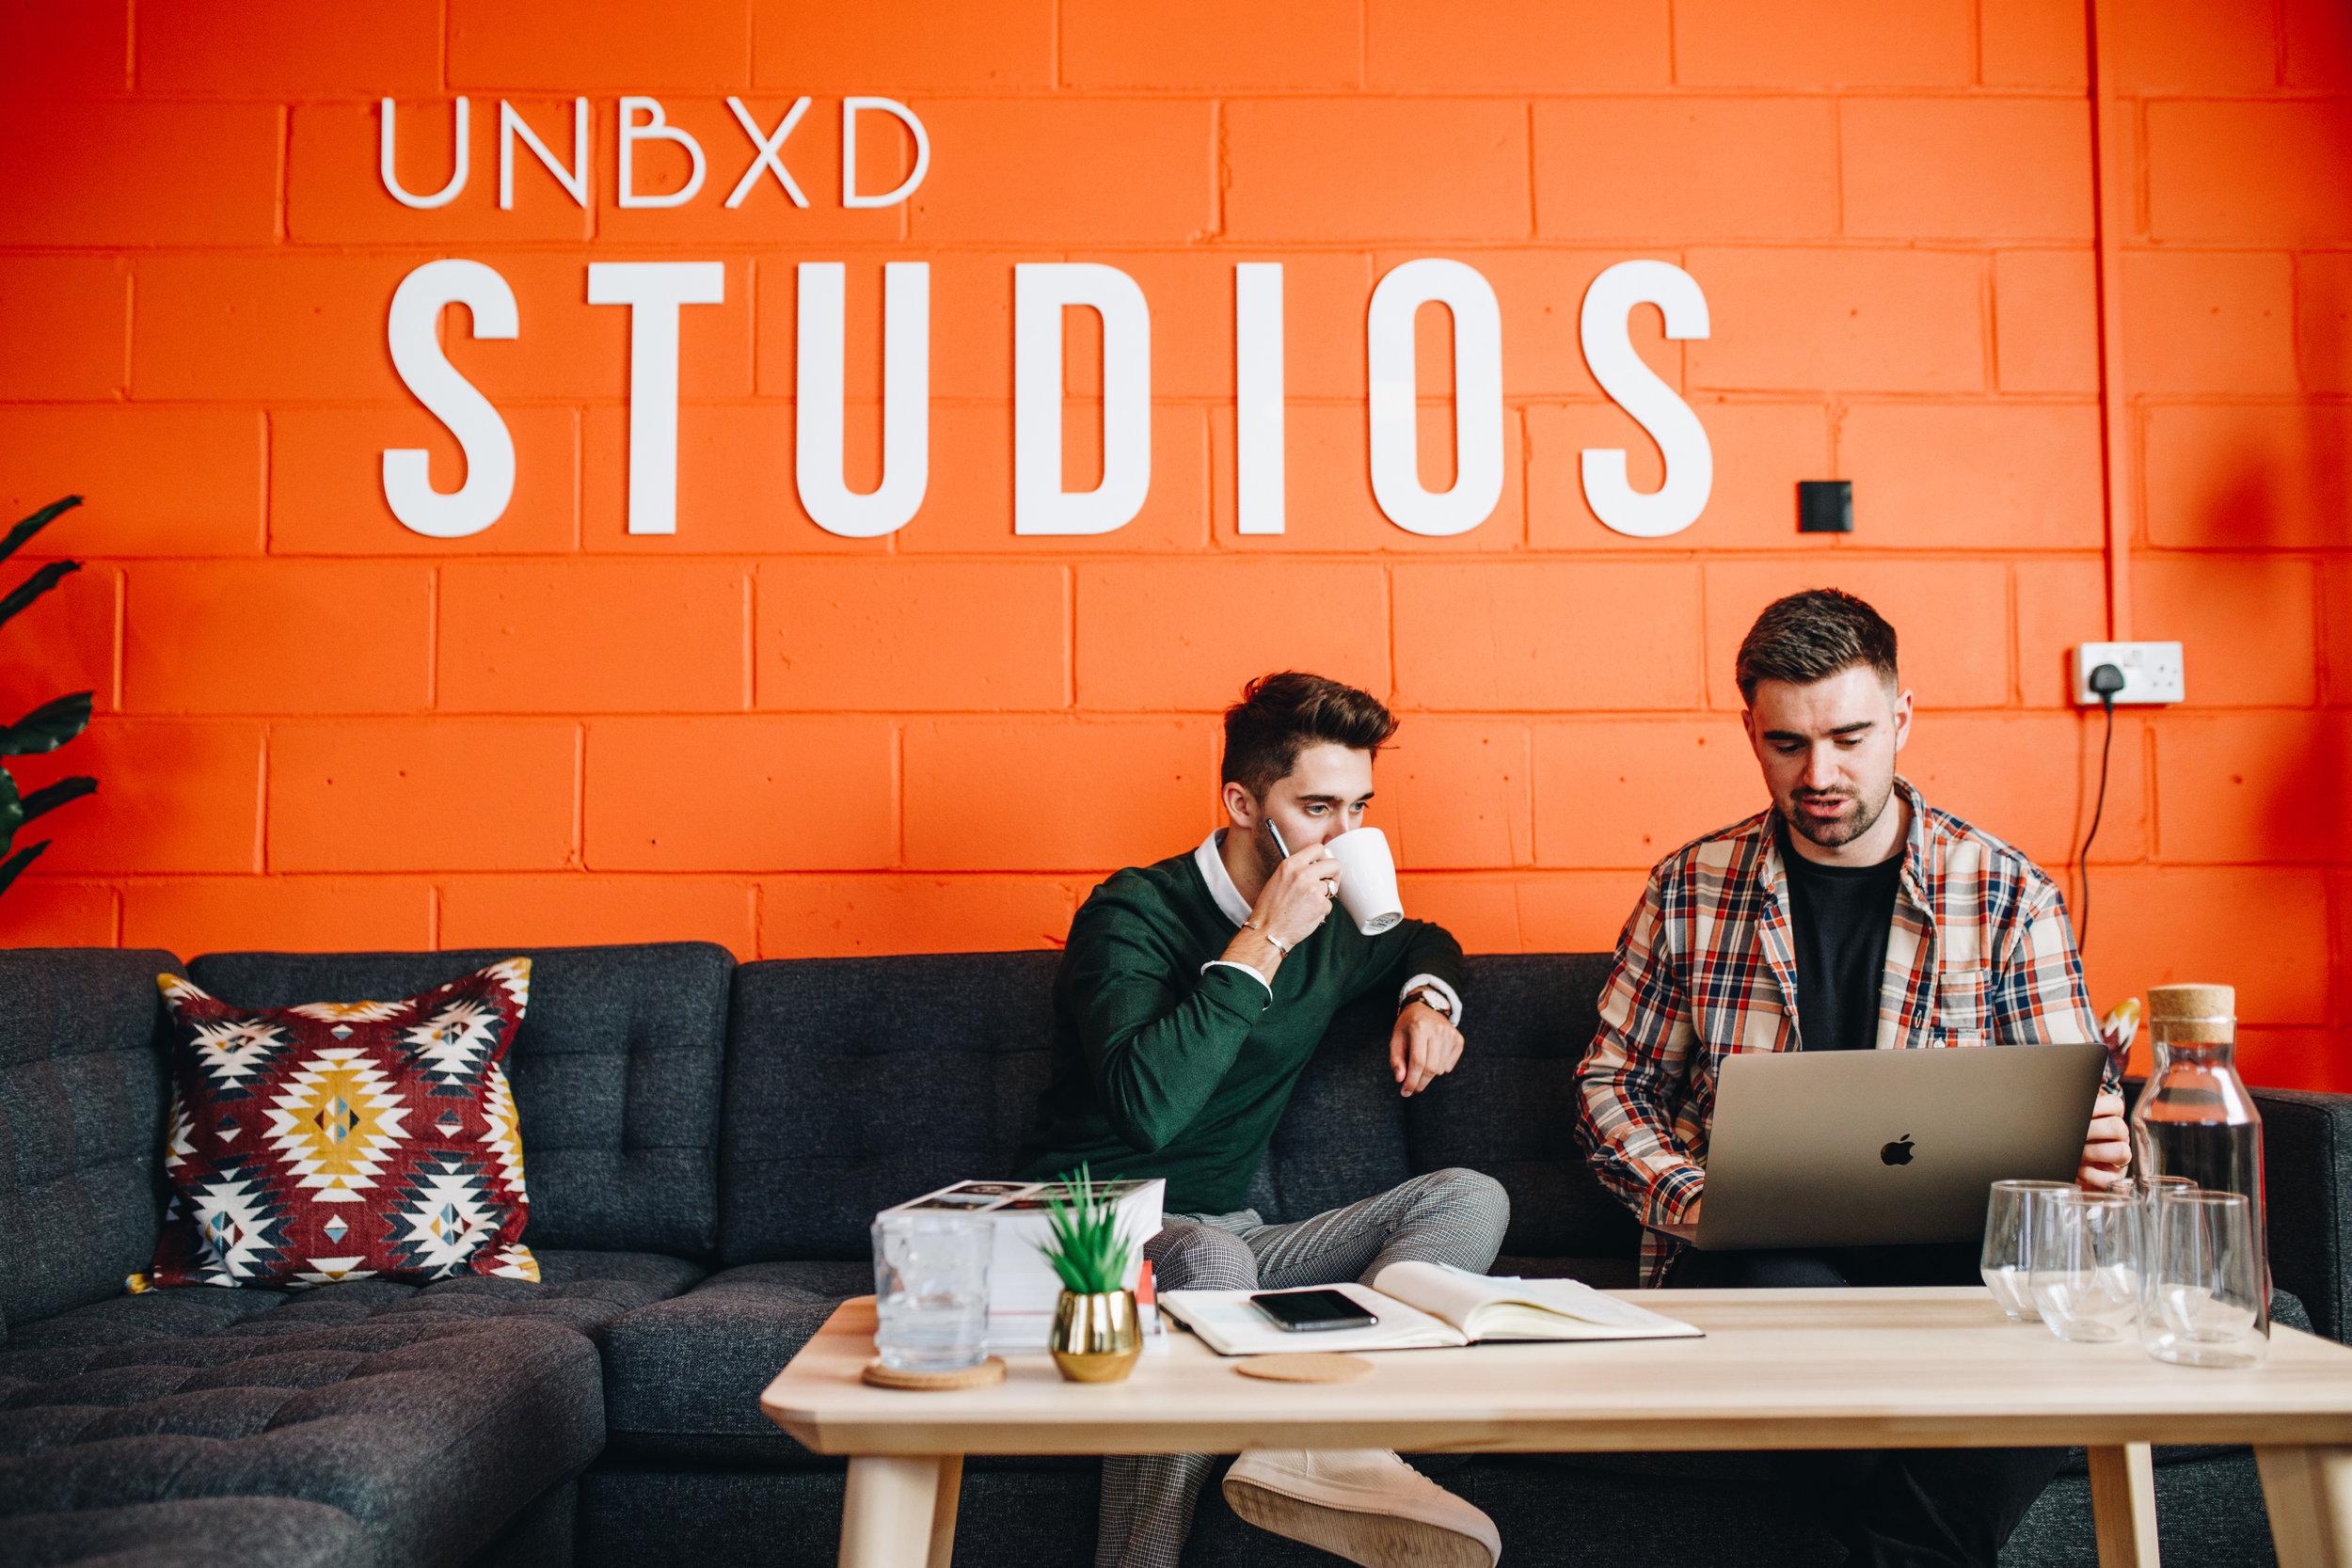 UNBXDStudios008.JPG